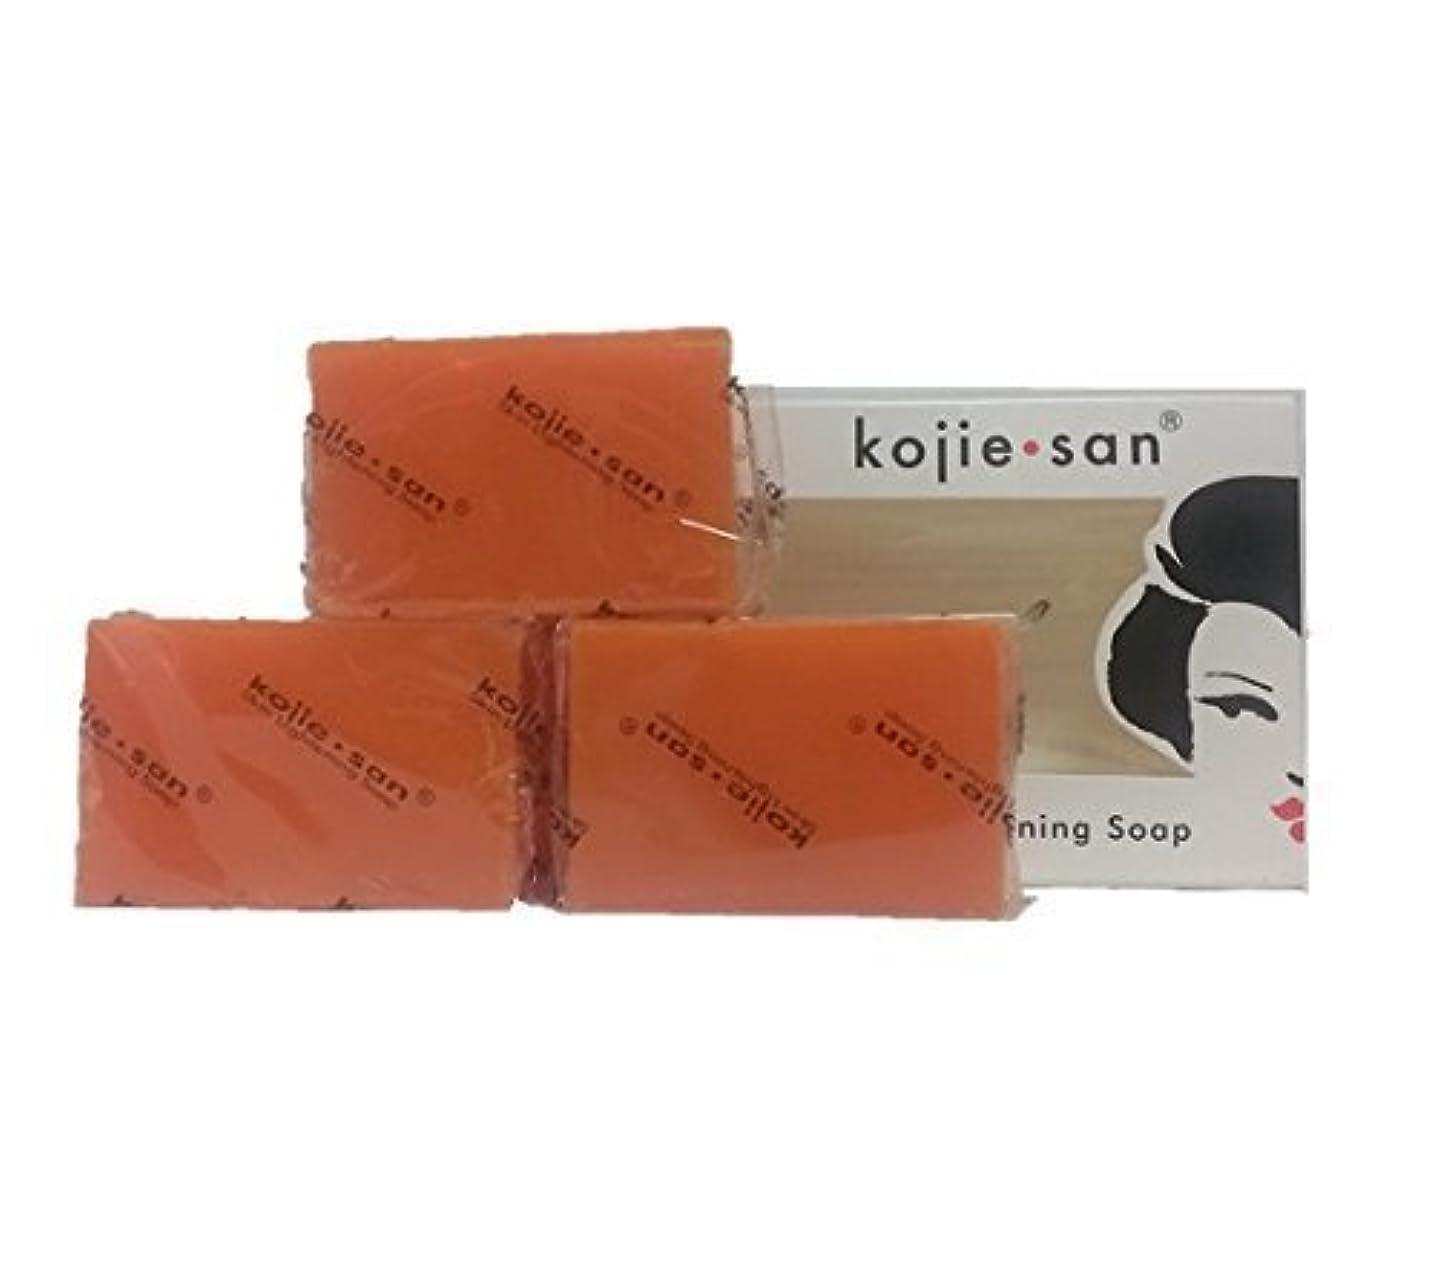 欲望オプショナル出血Kojie san Skin Lightning Soap 3 pcs こじえさんスキンライトニングソープ3個パック [並行輸入品]